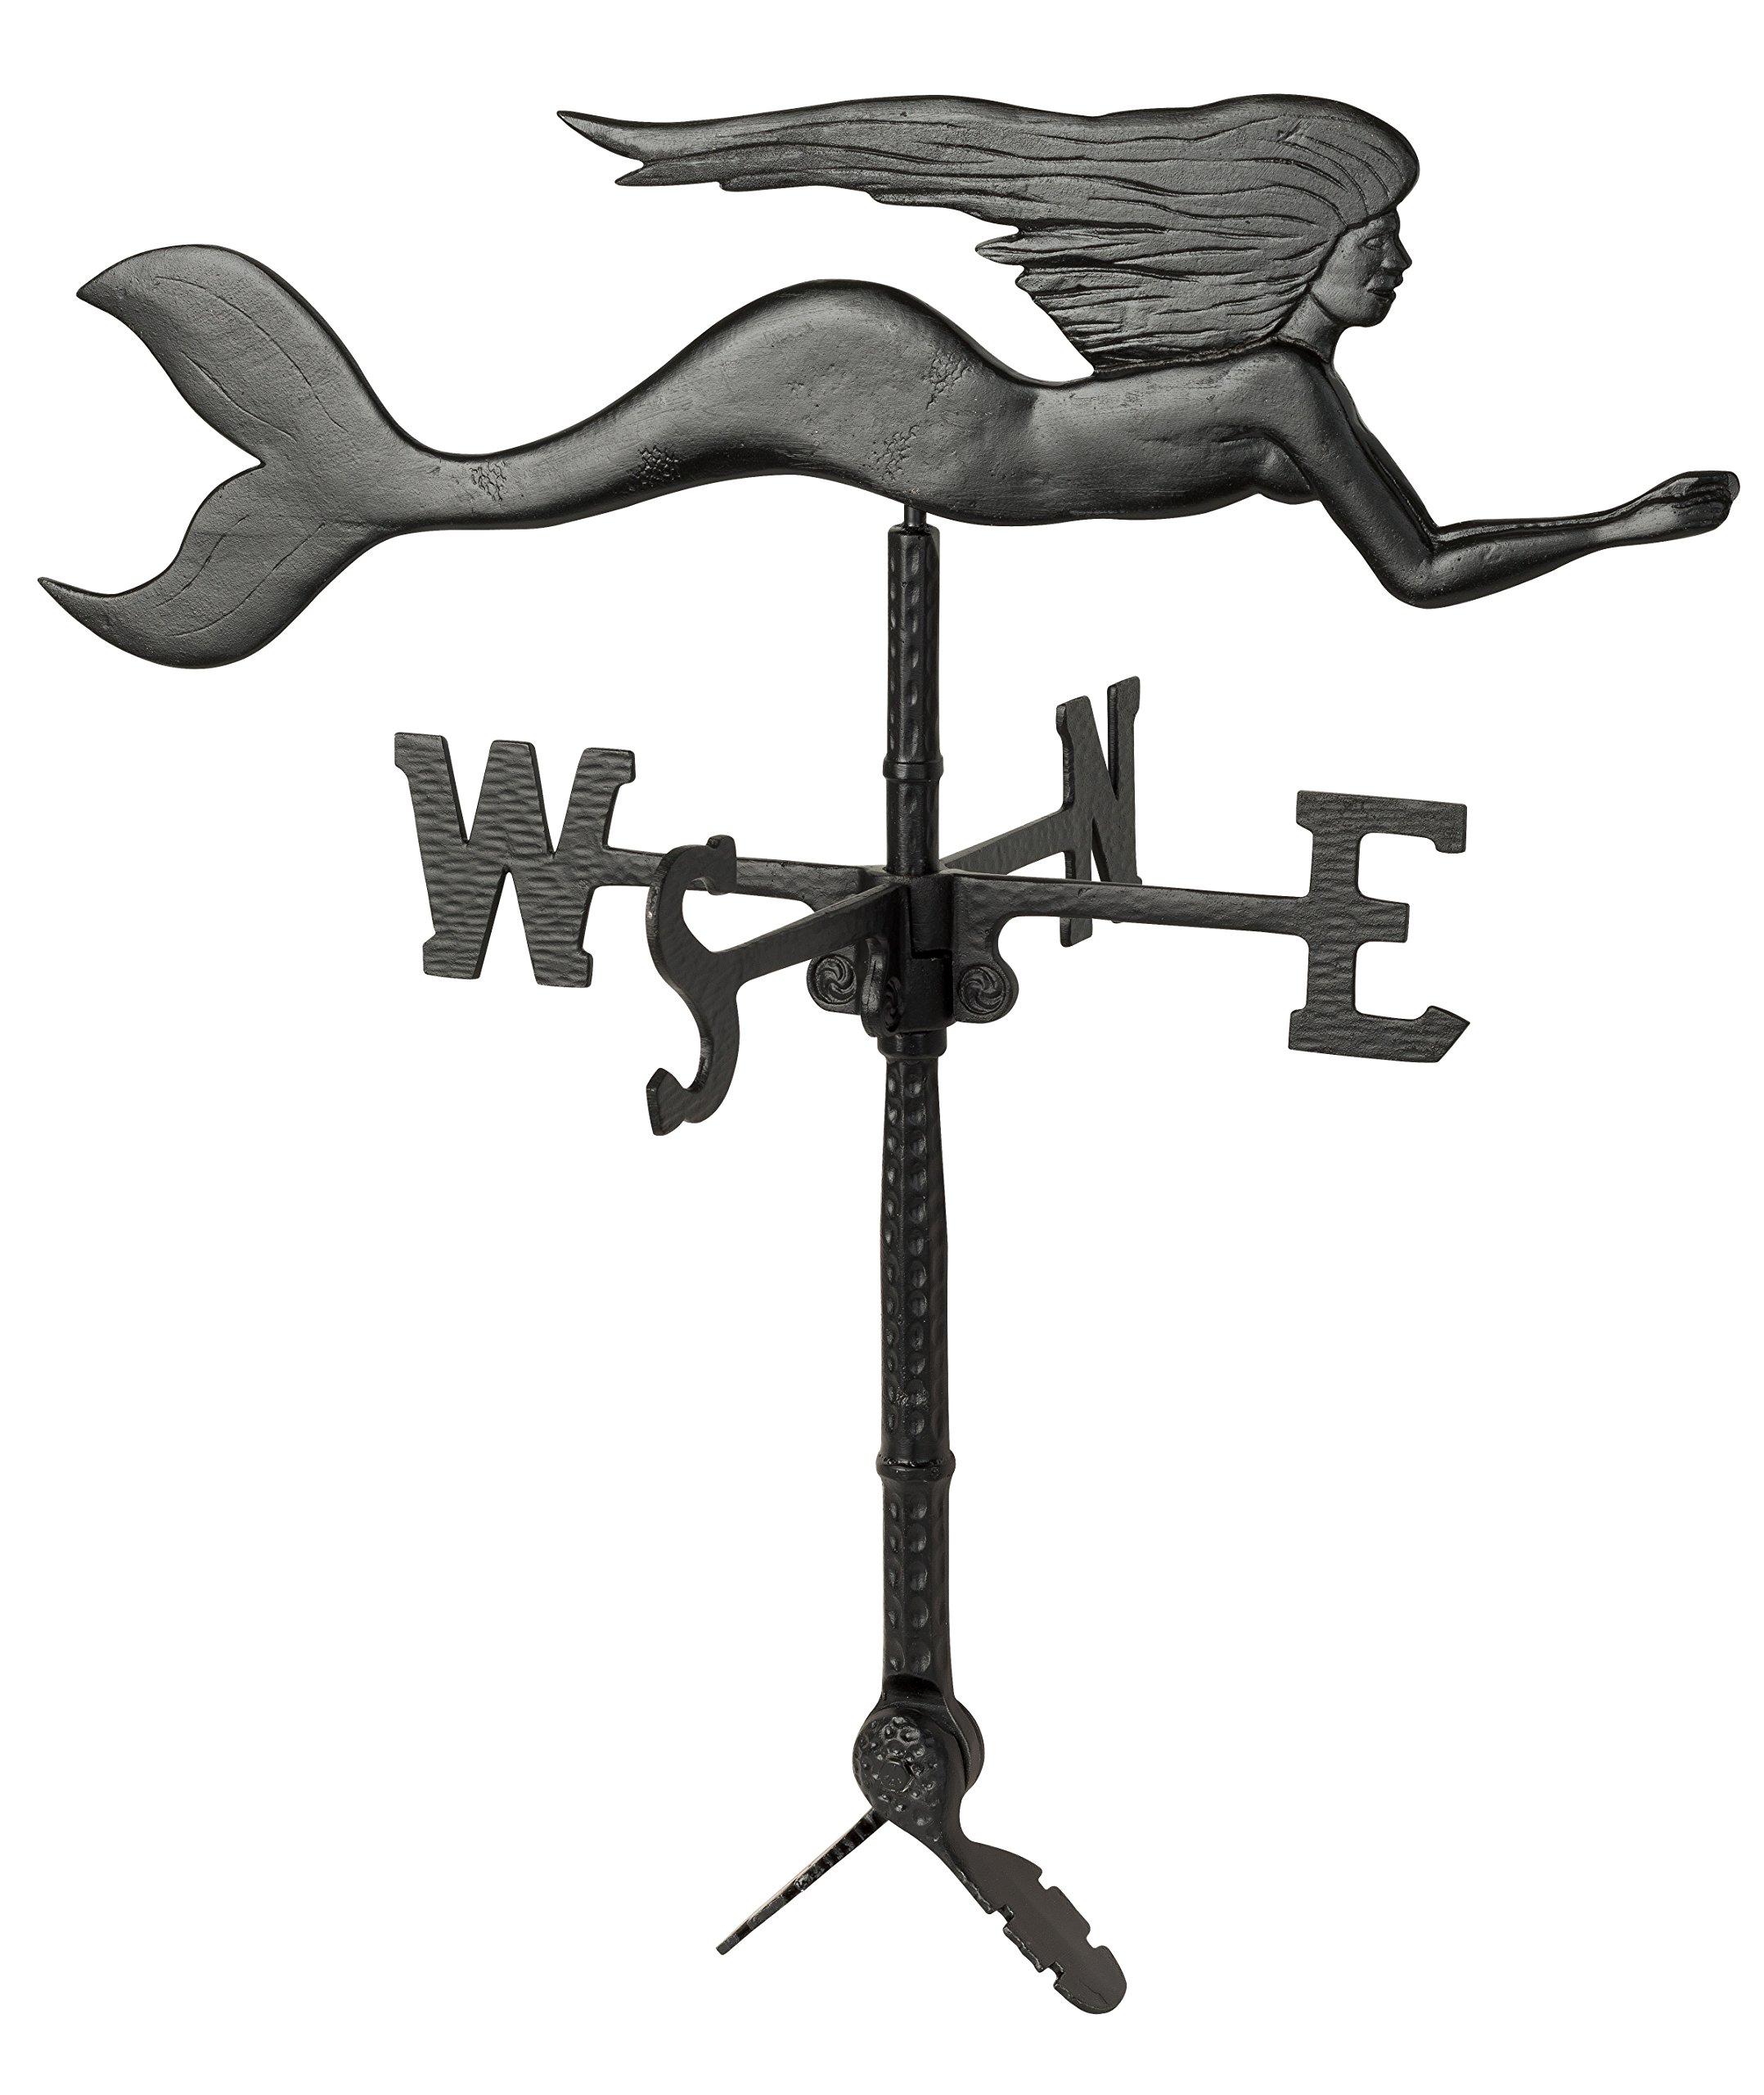 Black 32 Montague Metal Products WV-286-SB Mermaid Weathervane